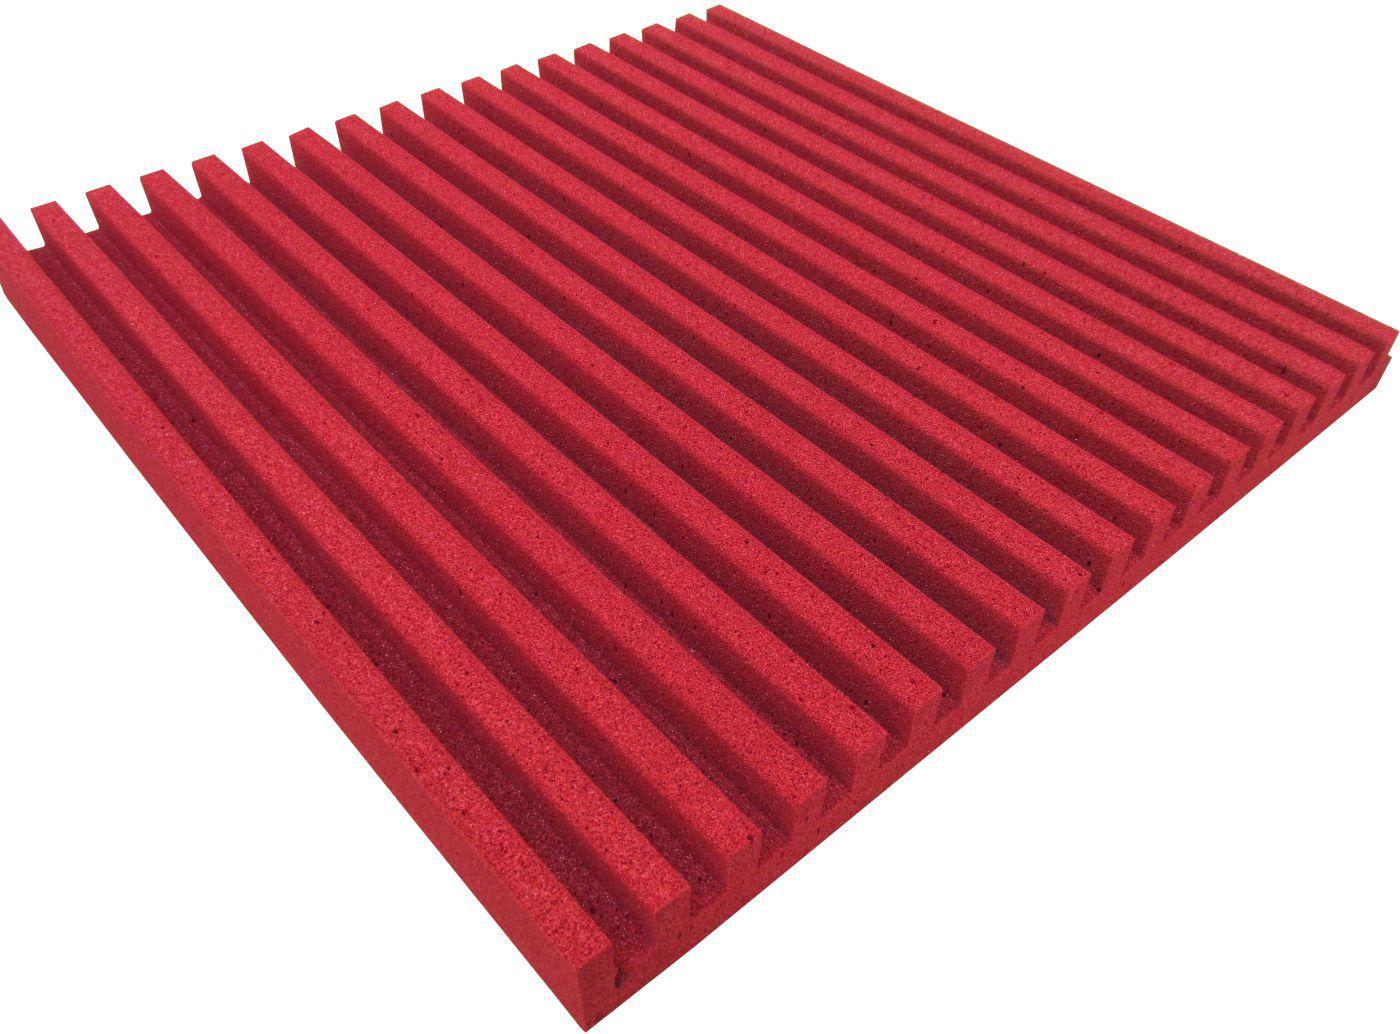 Espuma acústica Linha REV - R - Vermelho - Kit 4 peças (1m²)  - Loja SPL Acústica